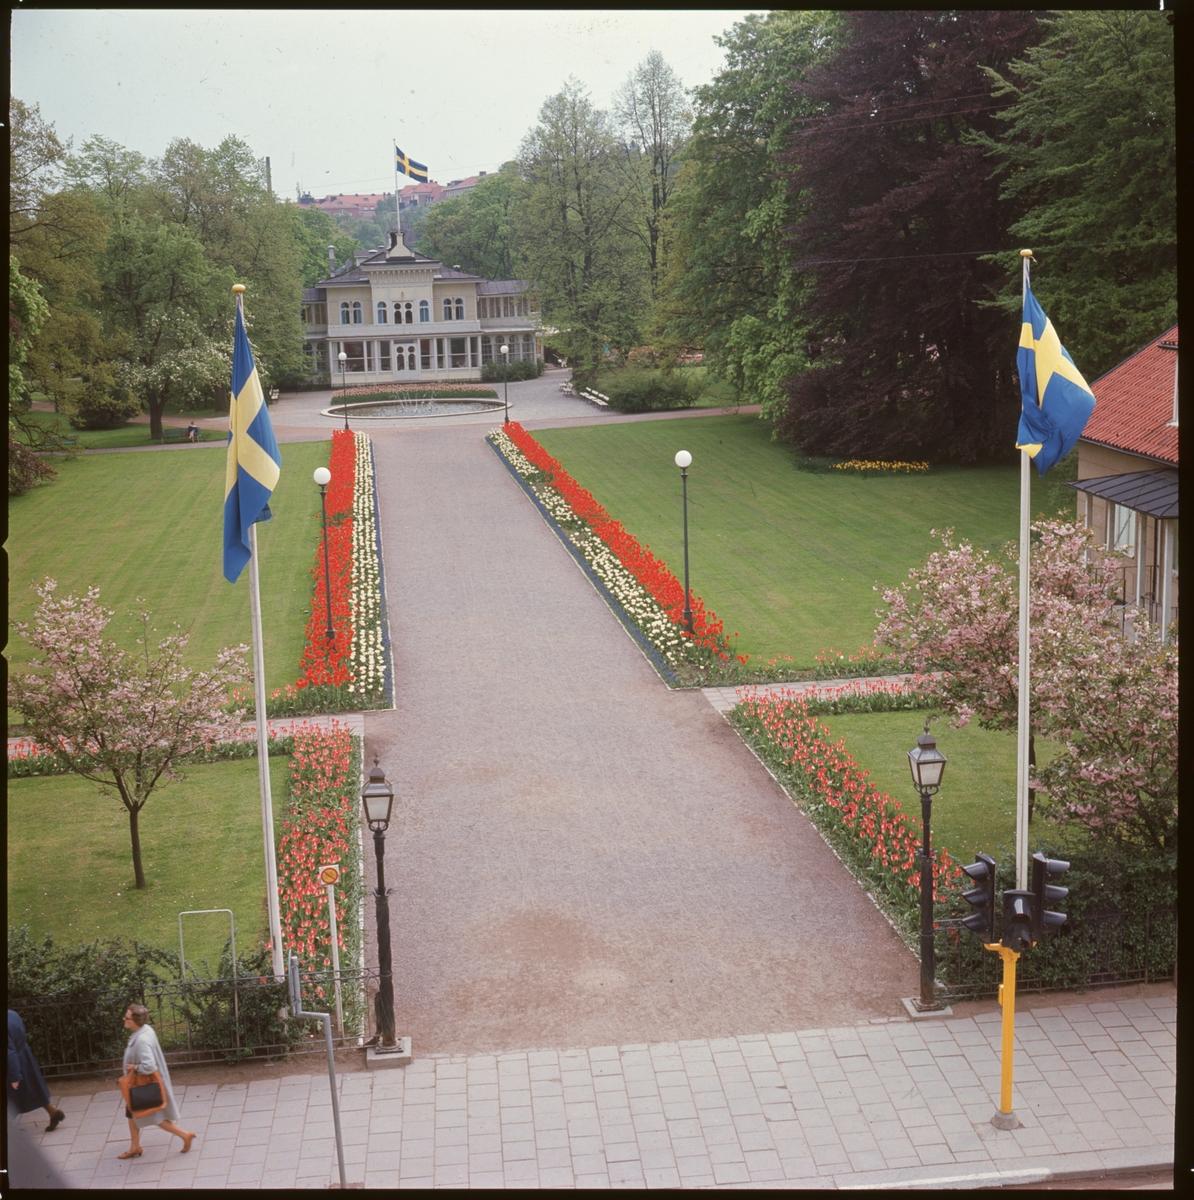 Einar Jagerwalls första bok, baksidan: Trädgårdsföreningen i all sin glans före branden. / Restaurangen, blomsterkantad gång och svenska flaggor.Linköpings Trädgårdsförening, anlades 1859 av ett bolag på ett av Serafimerordensgillet arrenderat område. Den välskötta anläggningen utvidgades 1871 och är upplåten för allmänheten mot det att staden till bolaget årligen erlägger ett belopp av 300 rdr.  Restaurangen byggdes 1881 efter ritningar av Rudolf Ström, dess fasad ändrade utseende många gånger. Restaurangen brann ner till grunden 14 april 1977 och har inte återuppbyggts.